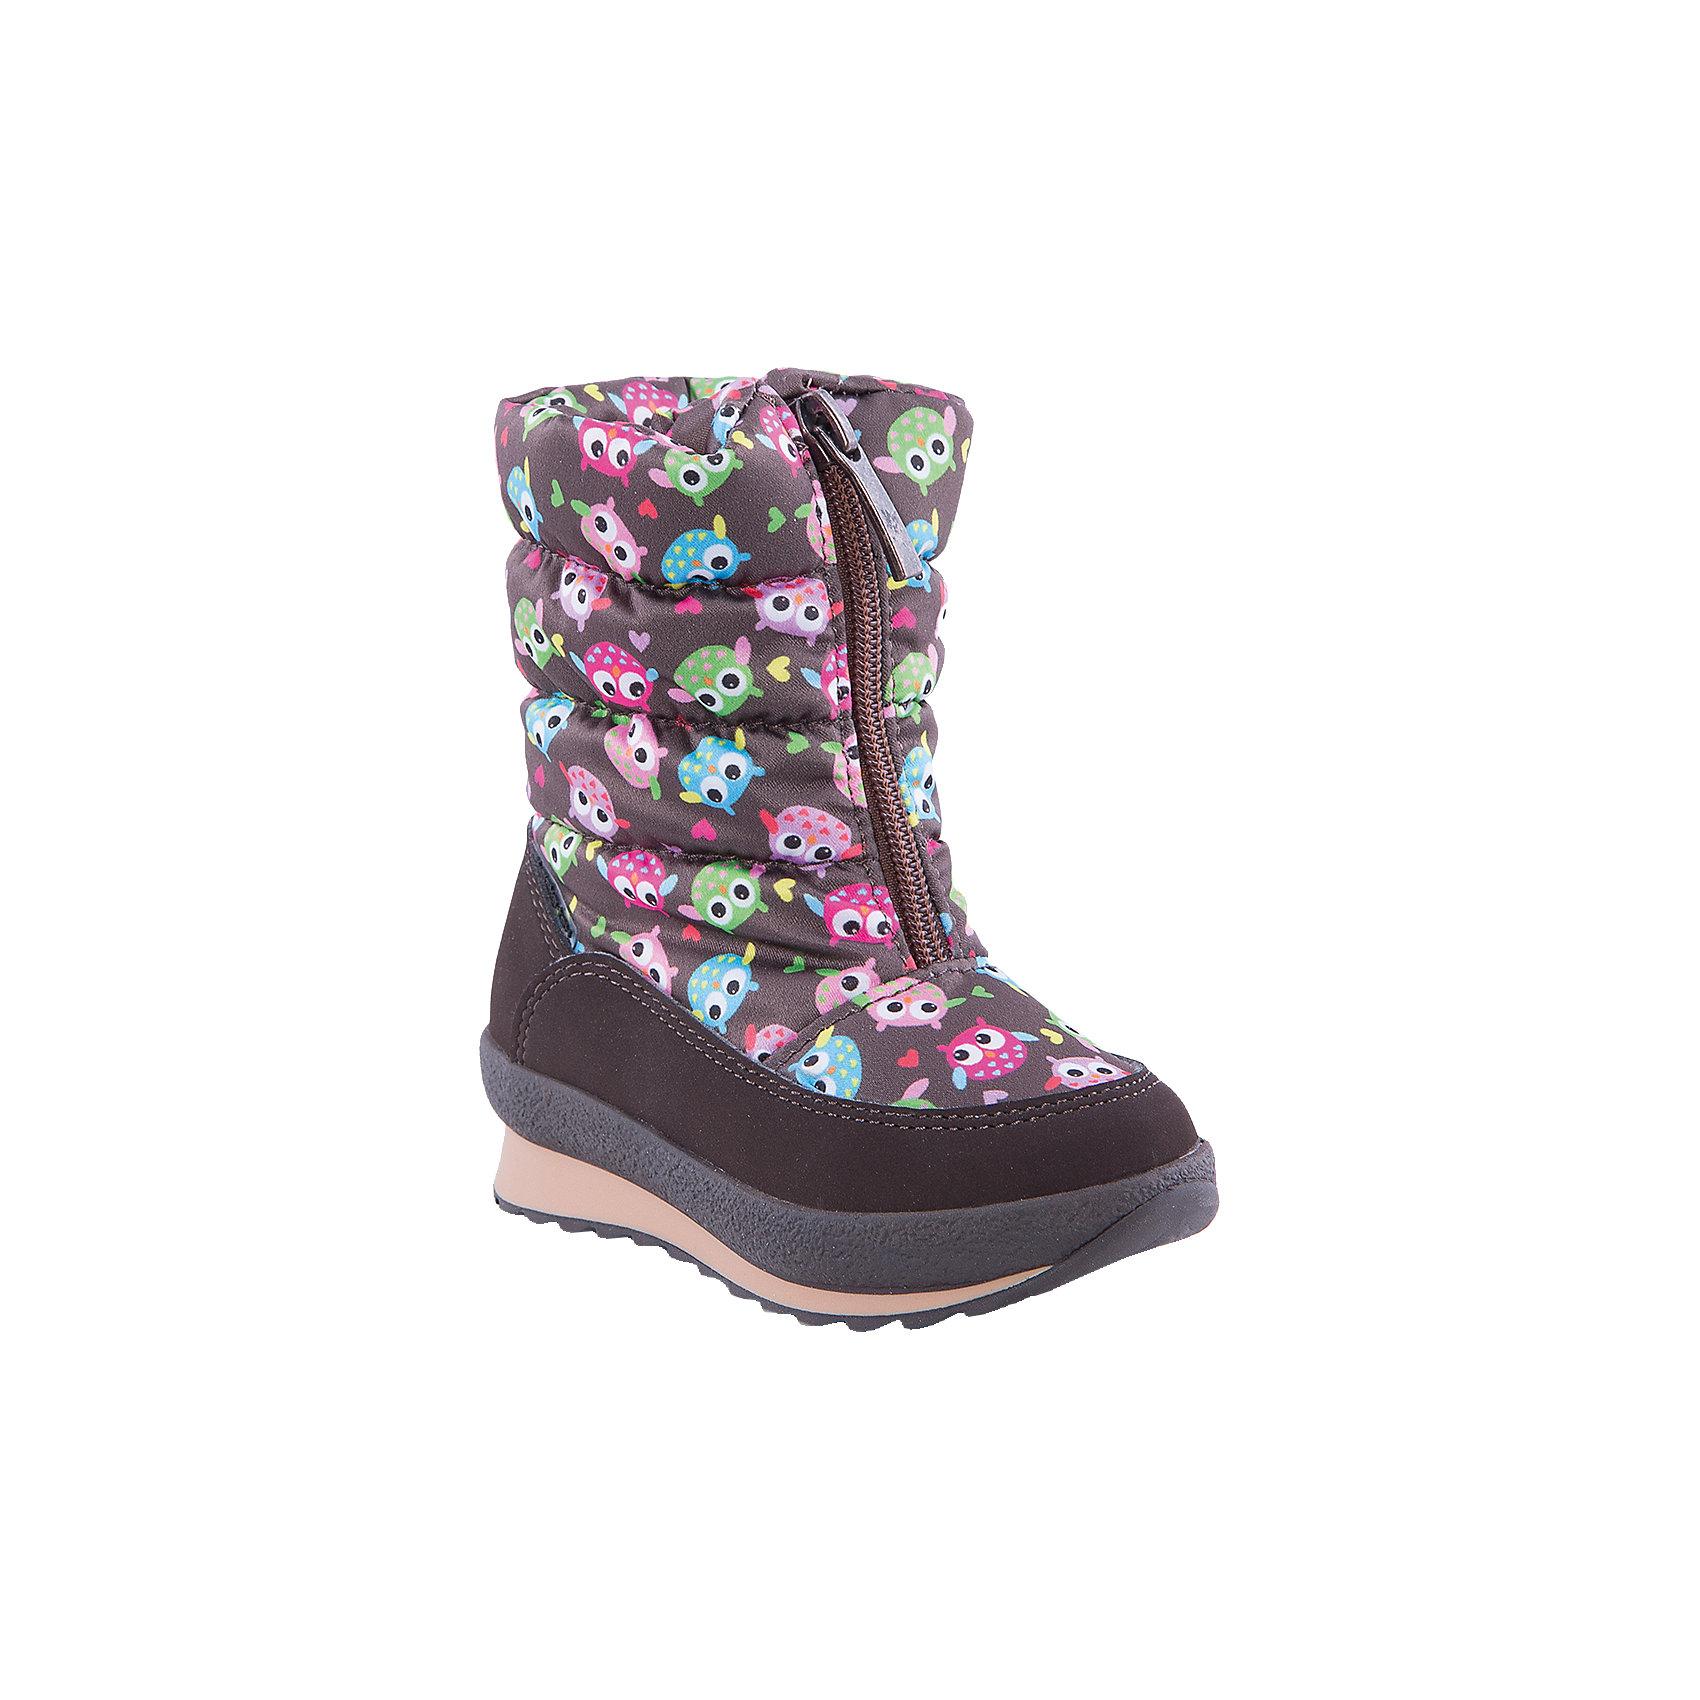 Сапоги для девочки Alaska OriginaleОбувь для малышей<br>Мембранная обувь AlaskaOriginale - это стильная, удобная и высокотехнологичная обувь нового поколения, которая при любой погоде остается сухой и теплой. Полиуретановая литая подошва с системой «ANTISLIDE» обеспечивает превосходное сцепление, высокую устойчивость к деформациям, низким температурами и гарантирует полную водонепроницаемость. Мембрана позволяет стопе «дышать», сохраняя ее сухой. Благодаря всем этим свойствам обувь обеспечивает комфорт при ношении от +5 до -25 градусов.<br><br>Состав: <br>Материалы верха: Текстильные материалы. Подрошва:Термопластик.<br><br>Ширина мм: 257<br>Глубина мм: 180<br>Высота мм: 130<br>Вес г: 420<br>Цвет: коричневый<br>Возраст от месяцев: 18<br>Возраст до месяцев: 21<br>Пол: Женский<br>Возраст: Детский<br>Размер: 23,26,24,25<br>SKU: 4399097